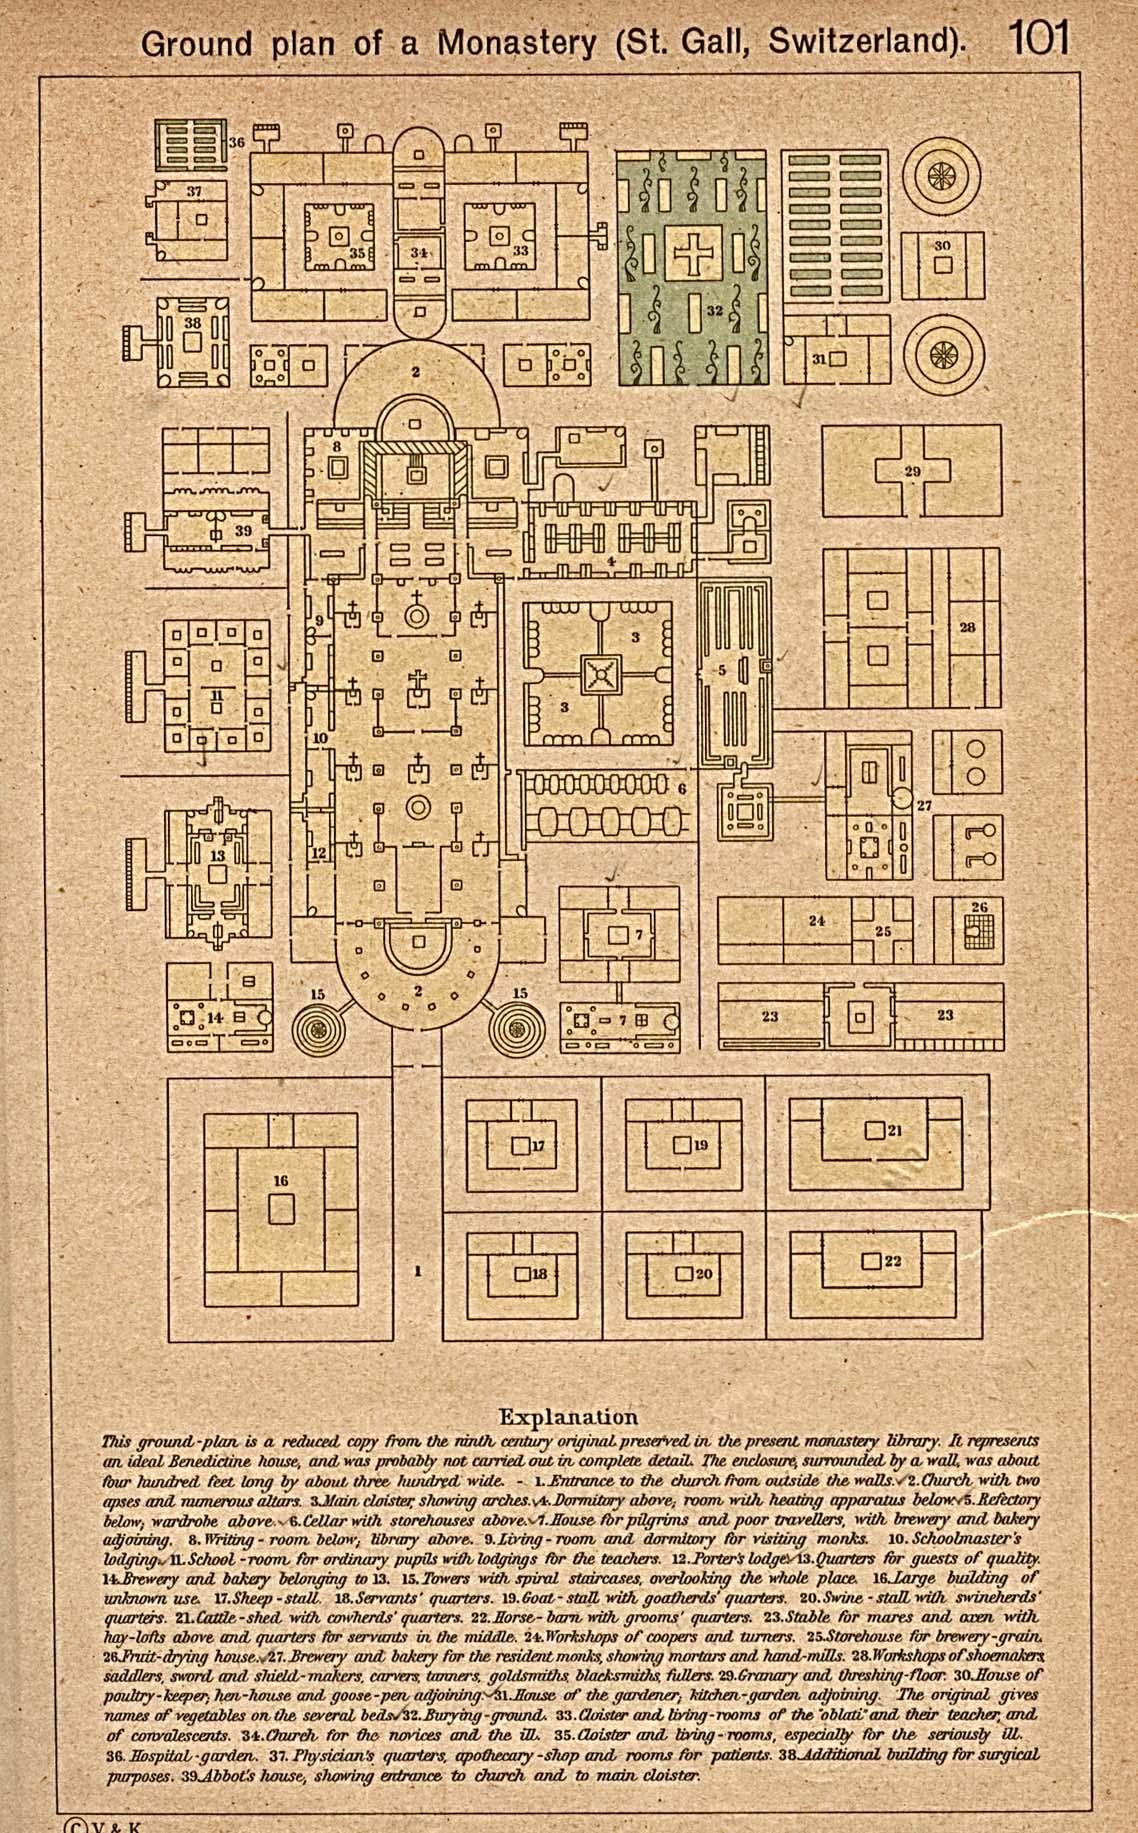 Ground Plan of the Monastery, Saint Gall, Switzerland